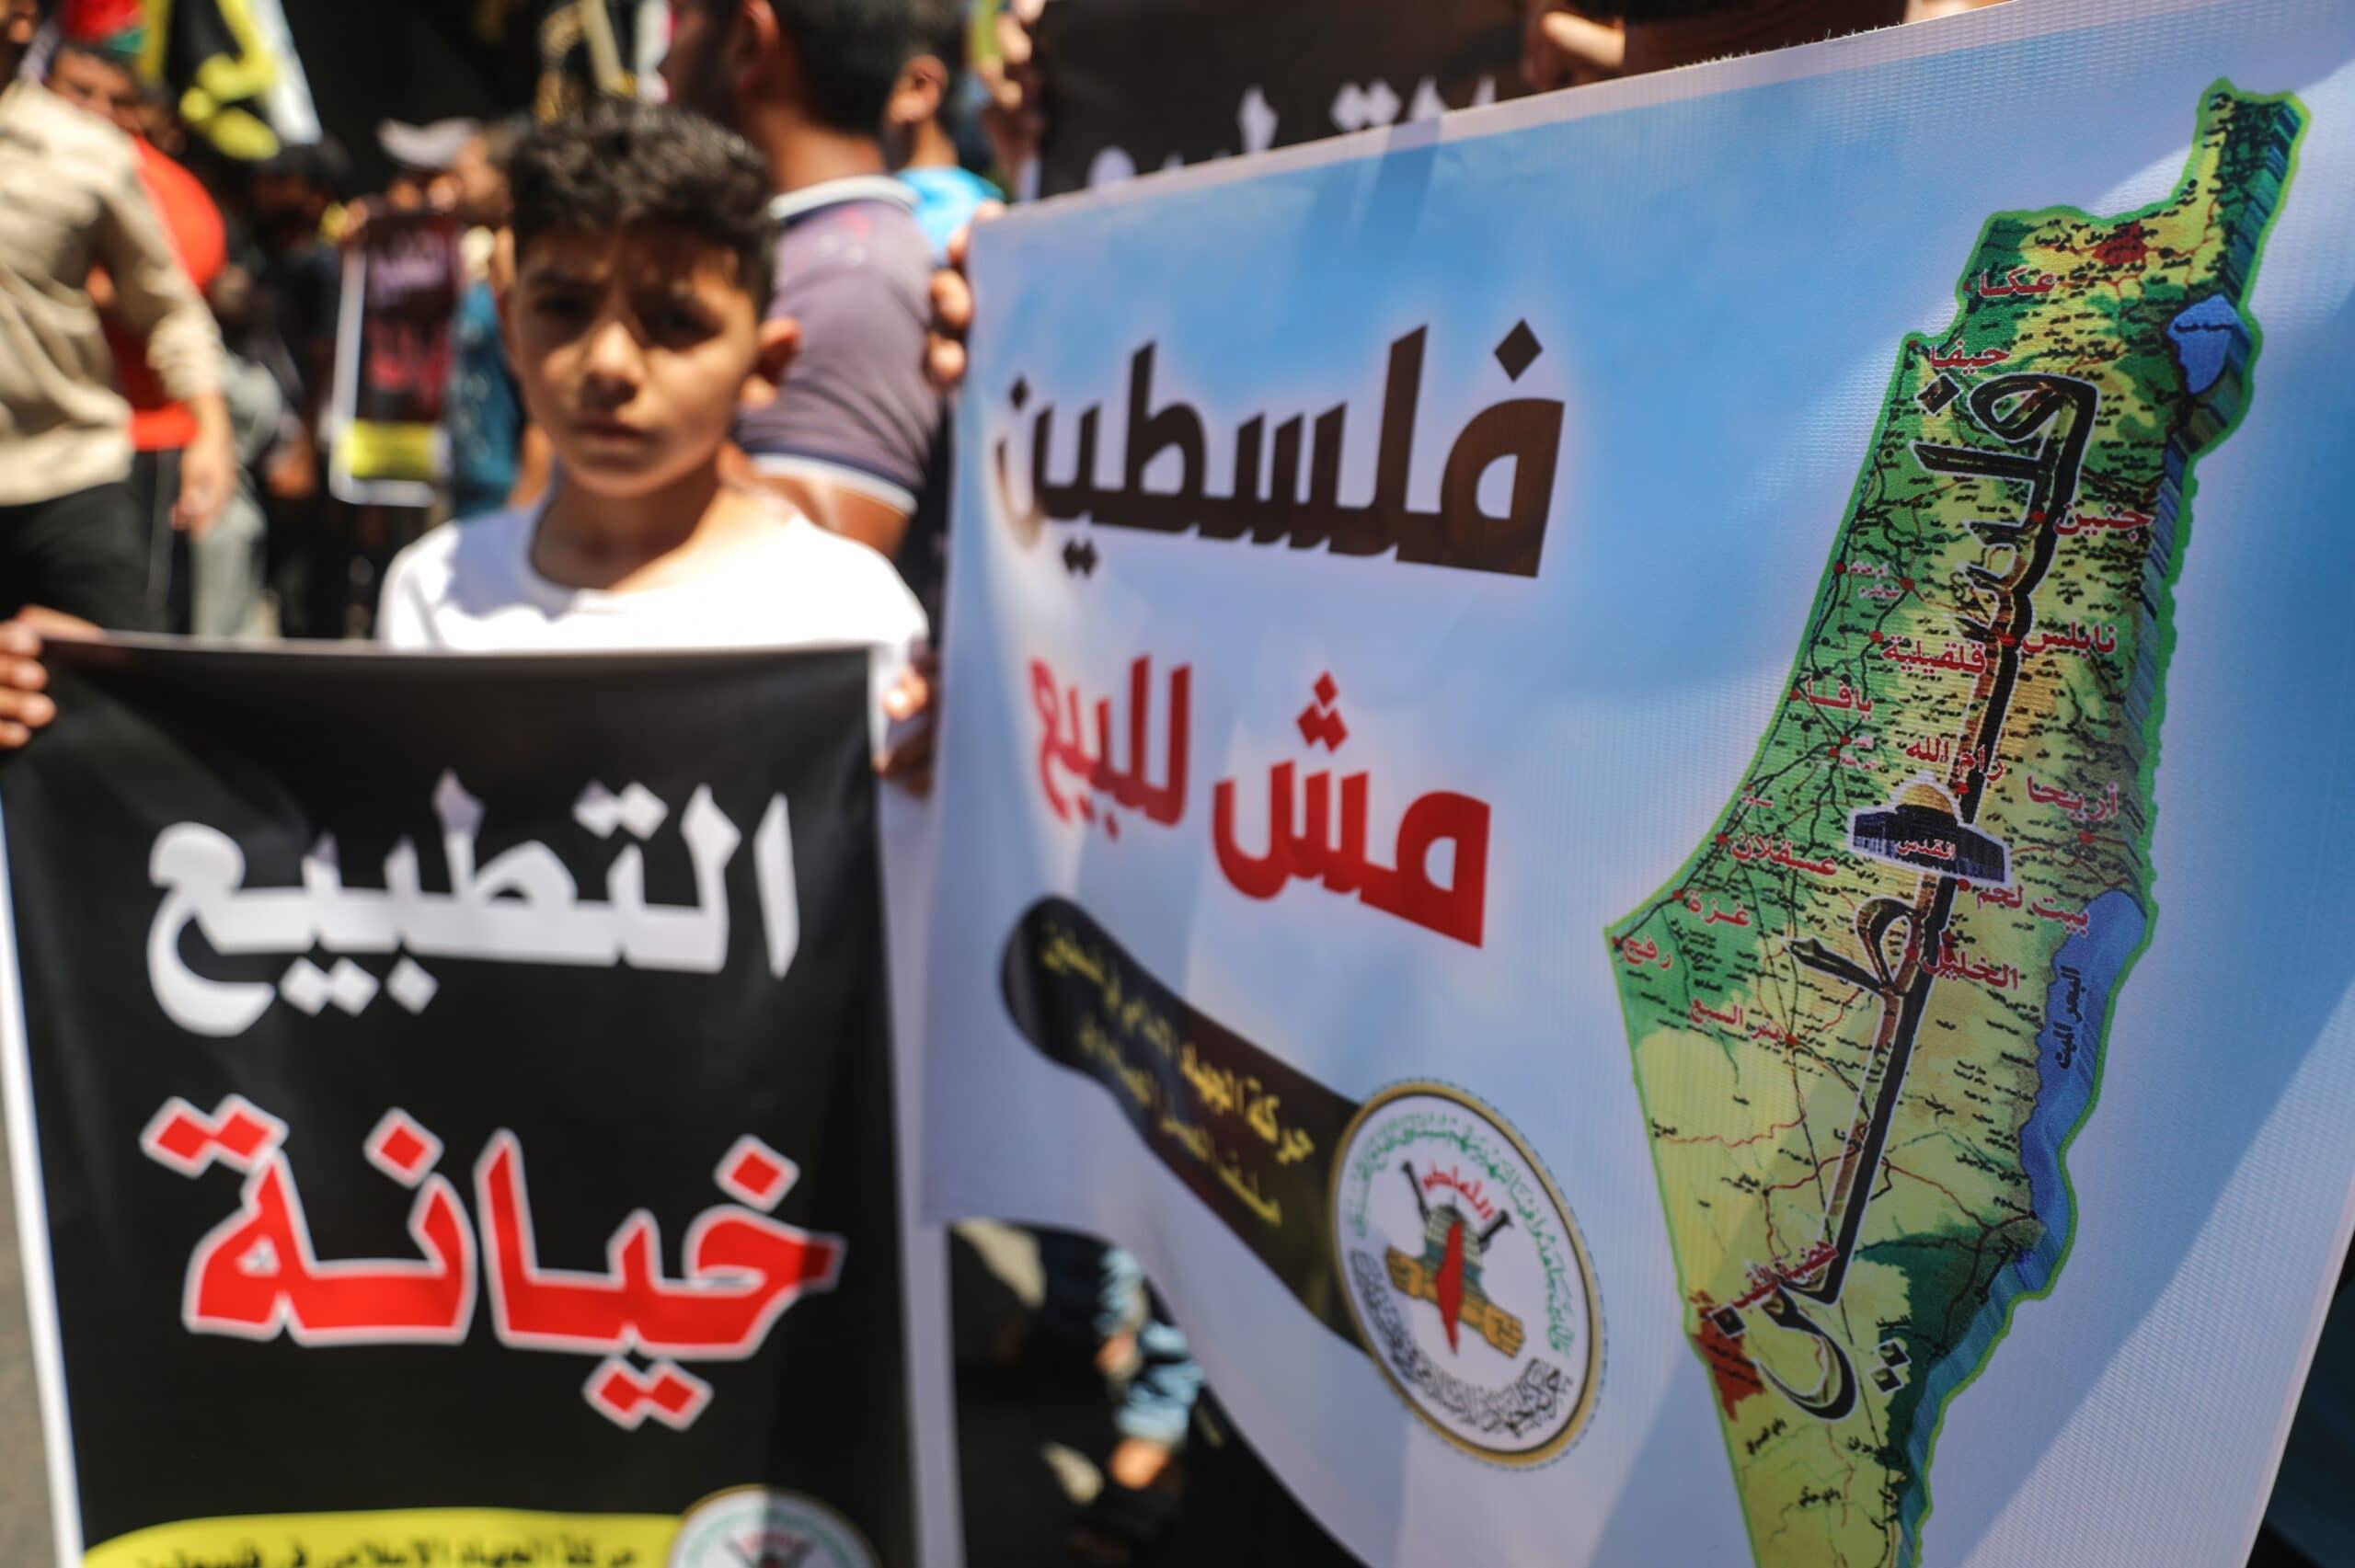 بلومبيرغ: حماس نسفت في 11 يوما عمليات التطبيع مع إسرائيل والدول الراغبة بالتطبيع ستفكر مليا